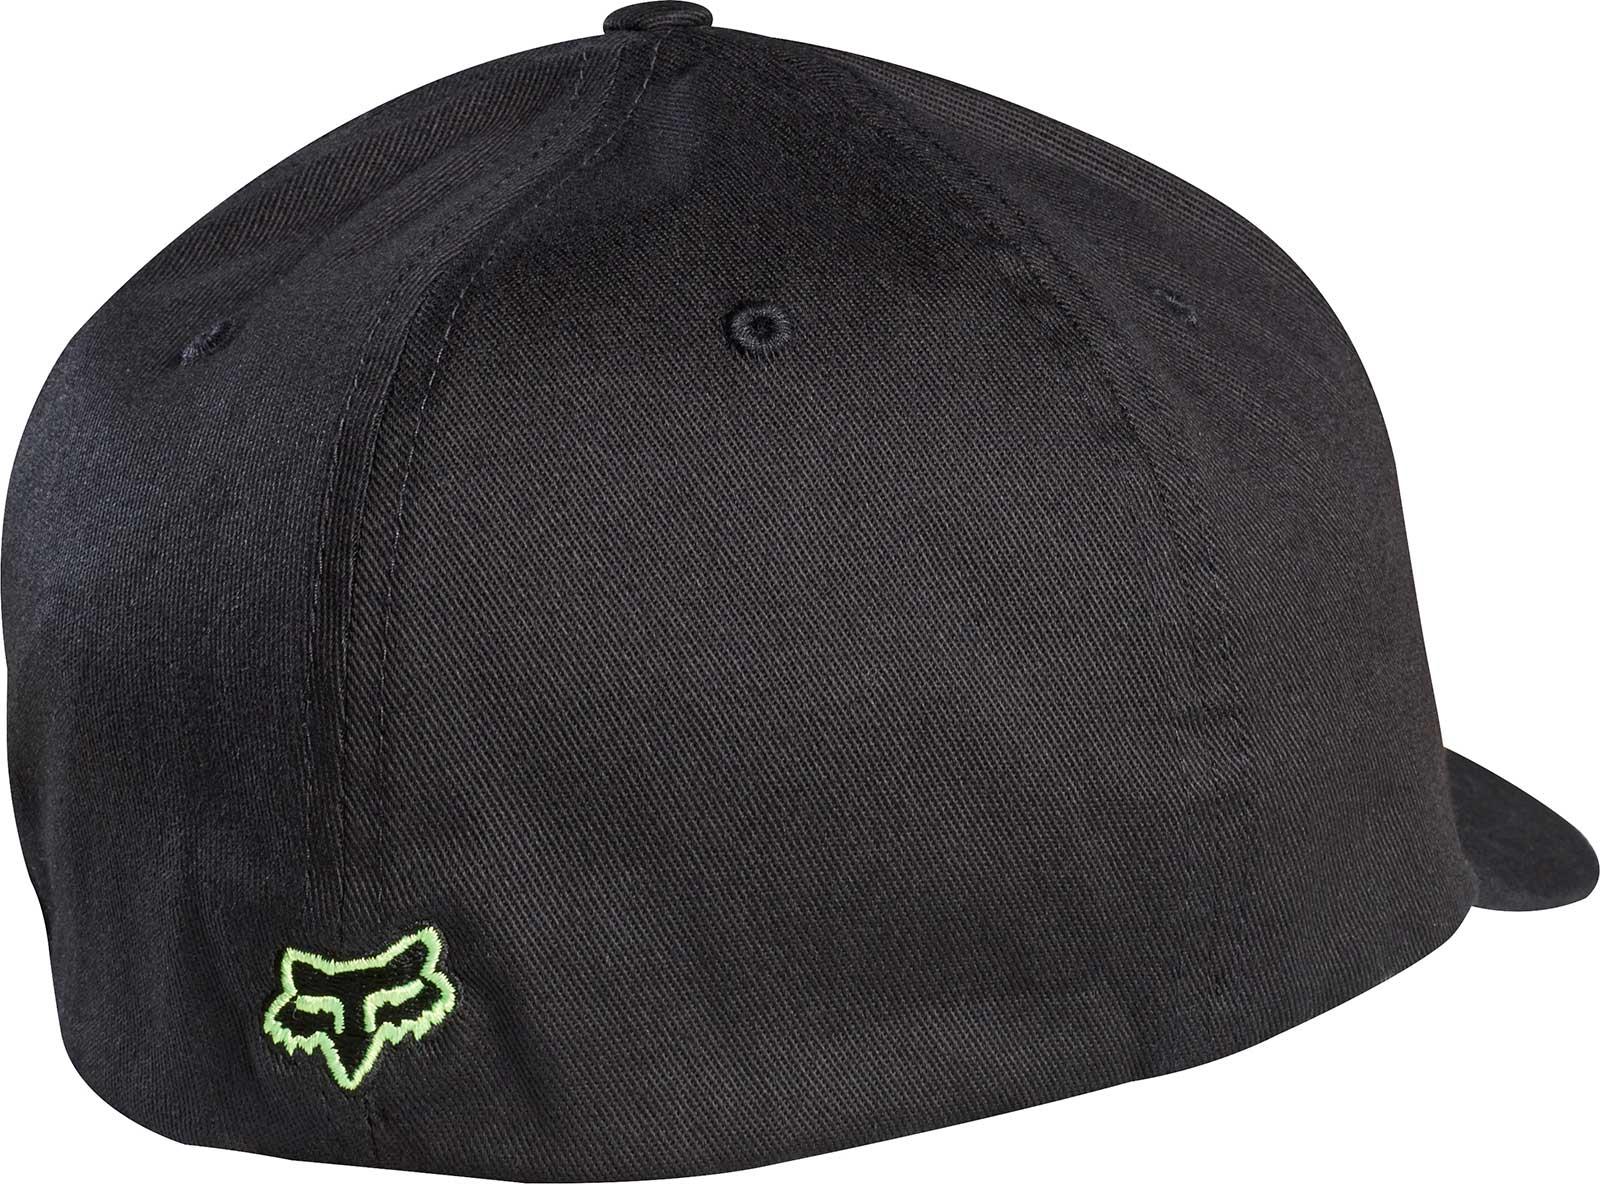 Fox-Racing-Flex-45-Flexfit-Hat-Mens-Lid-Cap thumbnail 18